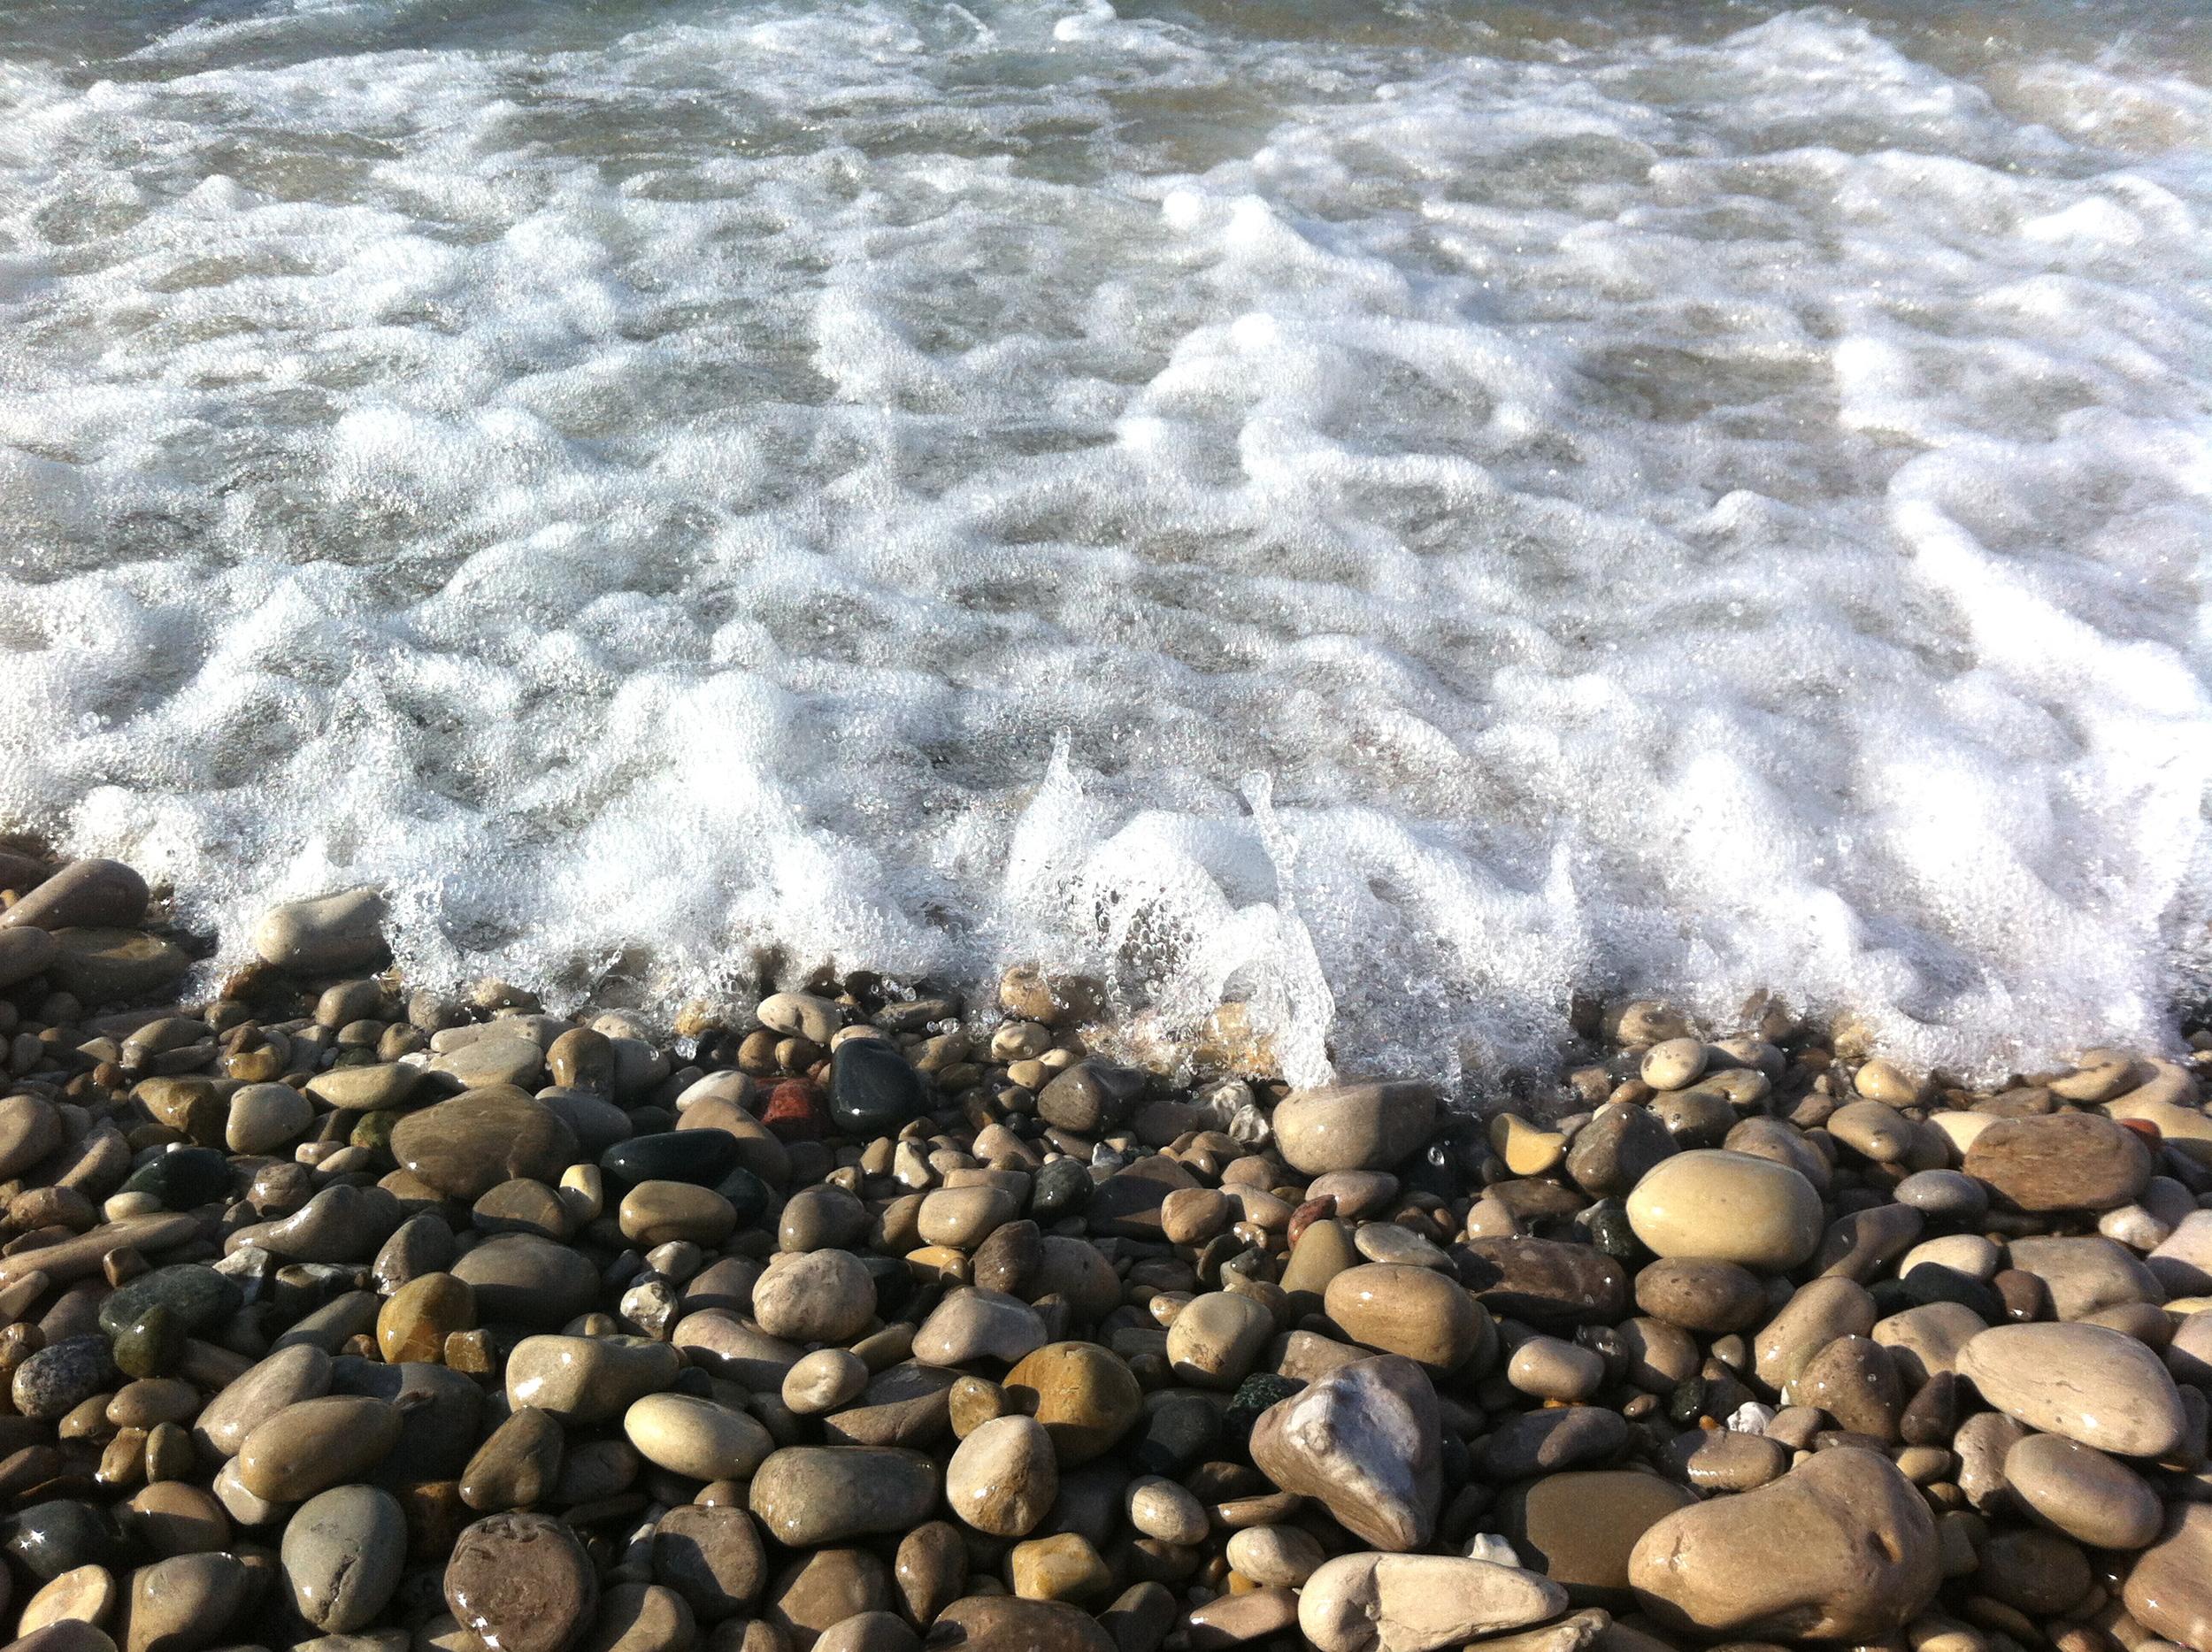 water_on_rocks.JPG